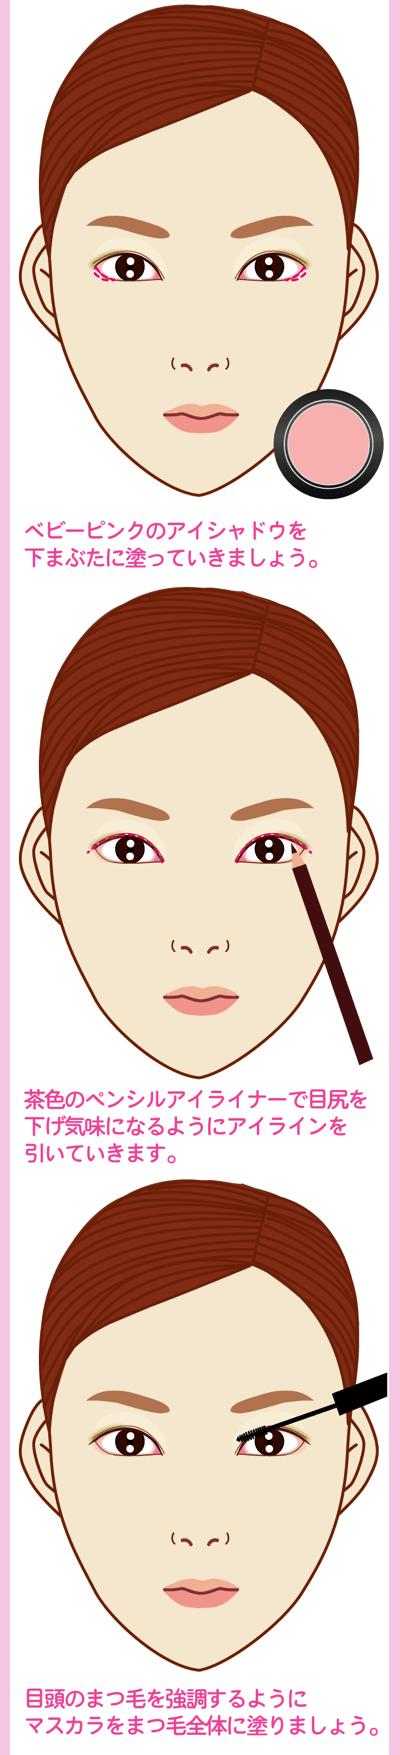 可愛く幼く見せるキュート童顔メイクテクニック3